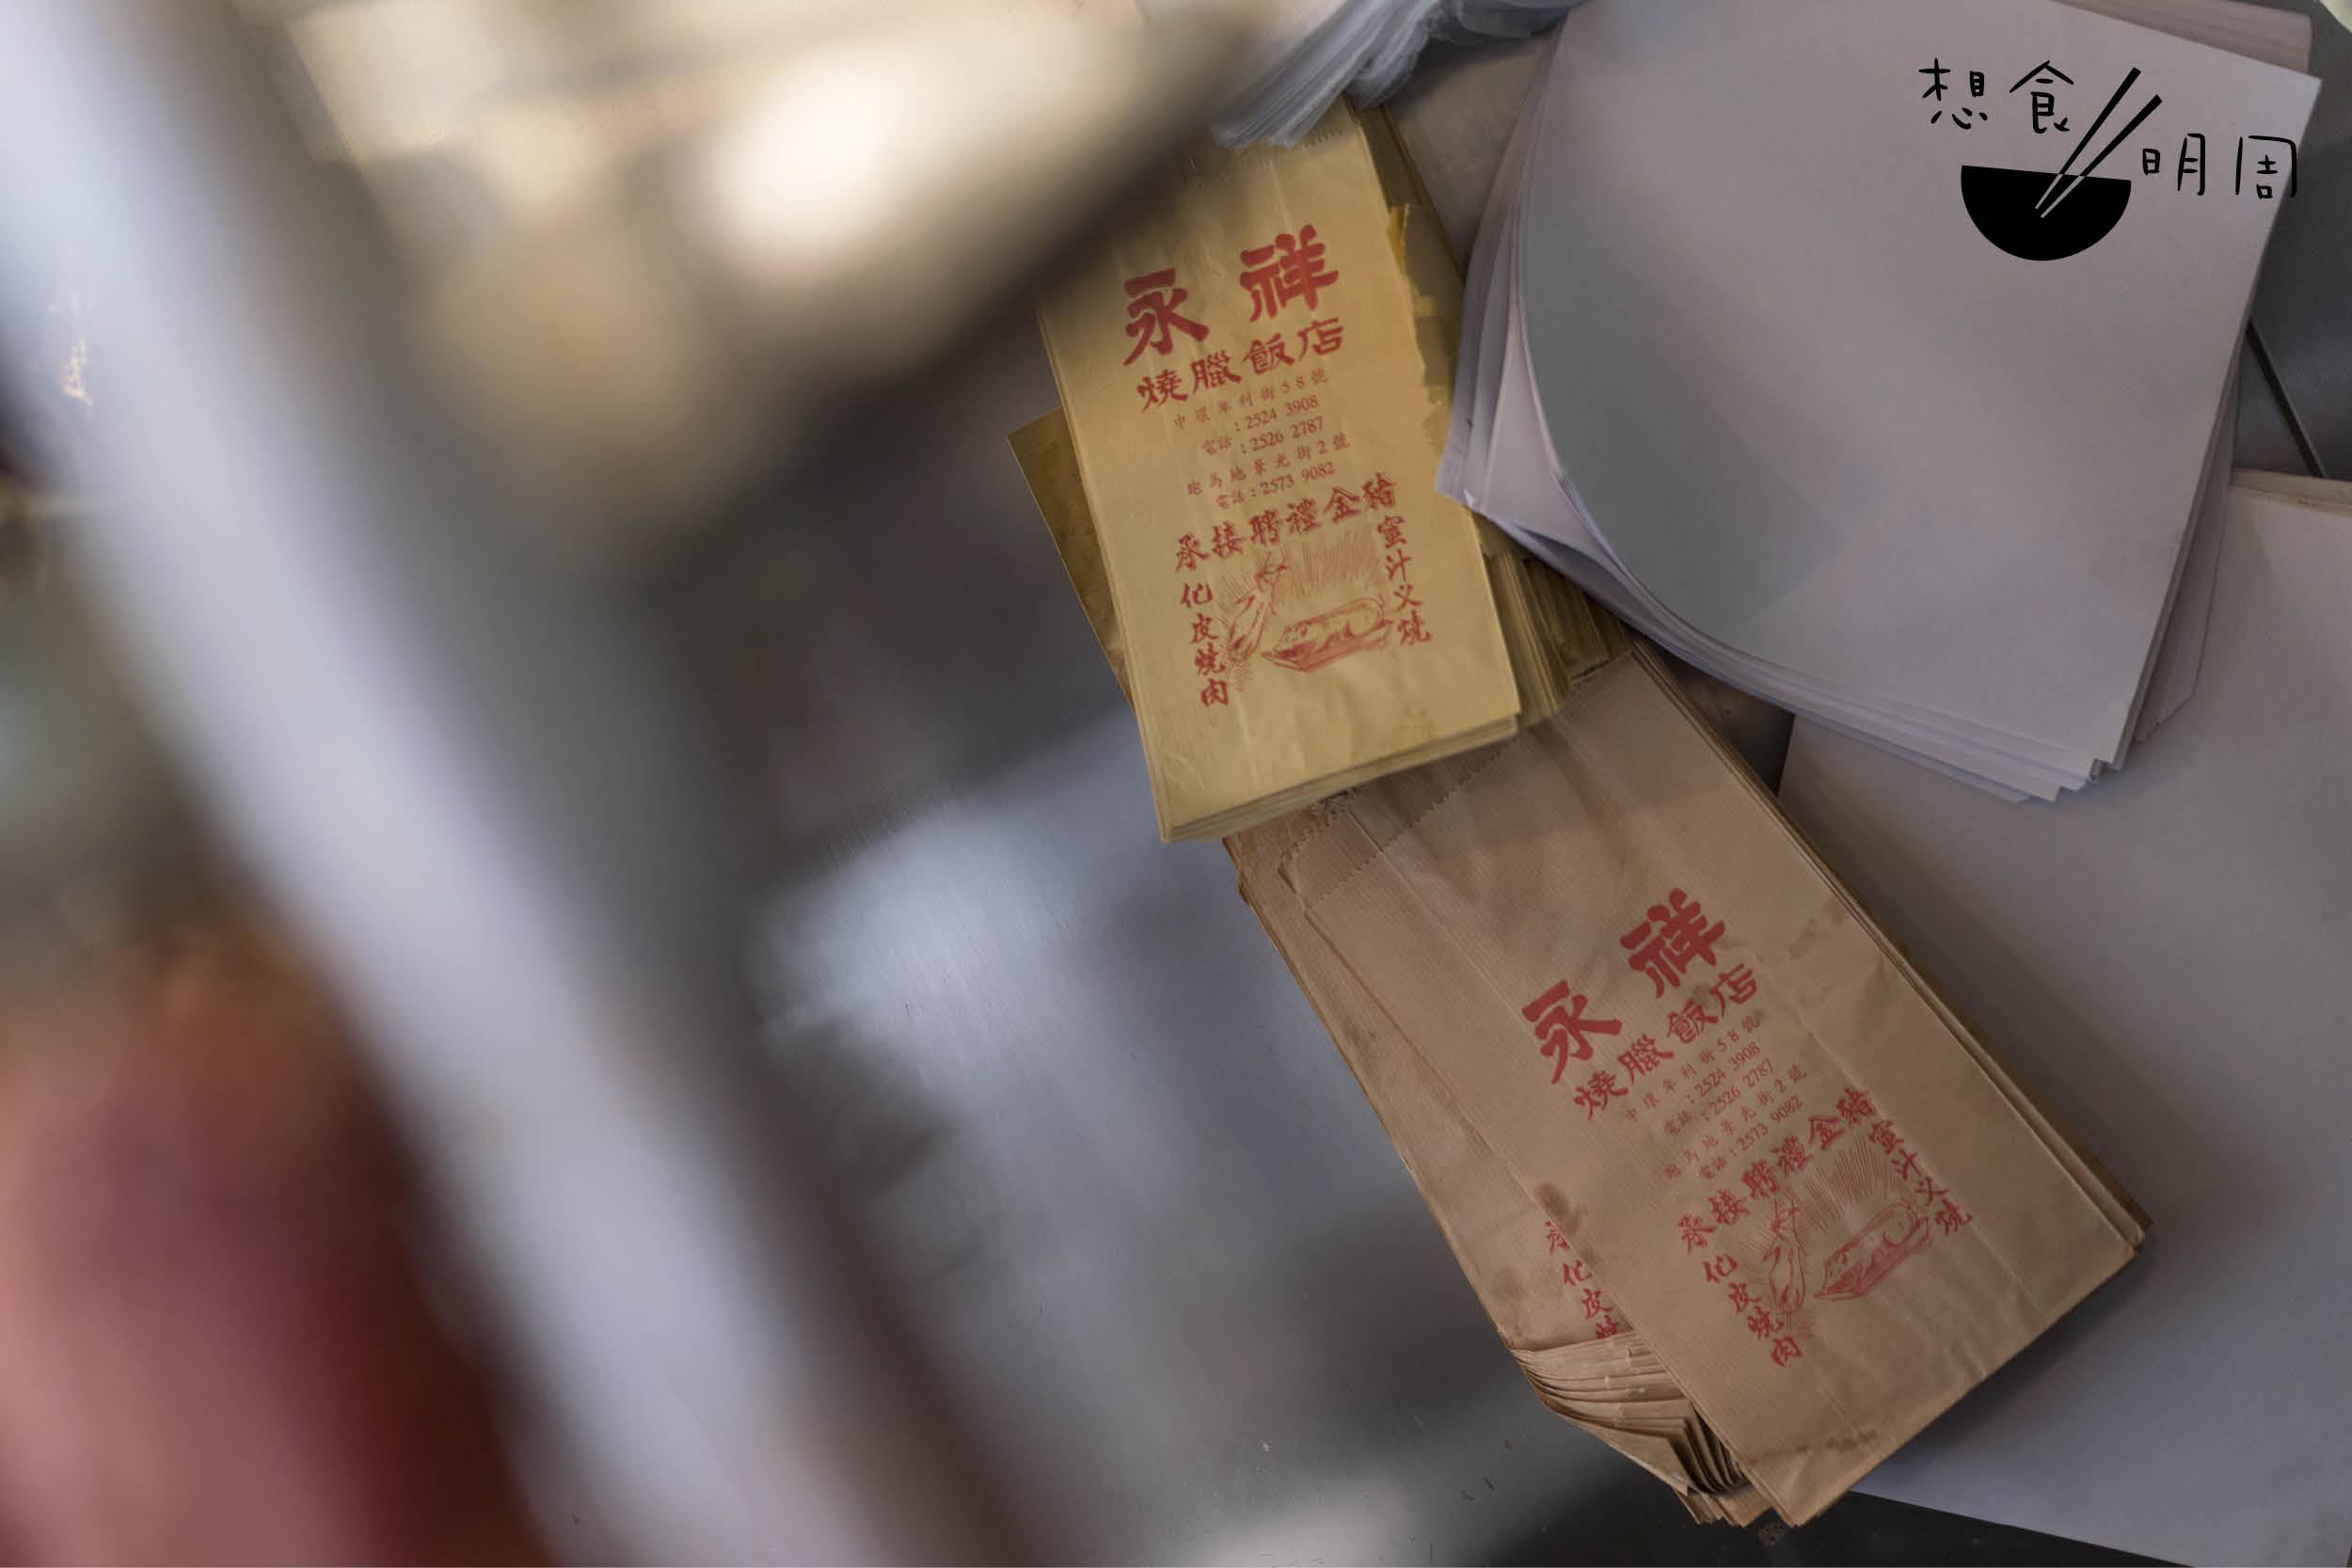 一大一小的紙袋就掛在店員身後,惟鮮少被使用。比起實際用途,紙袋們更像是老店家的裝飾品,並為時代作見證。